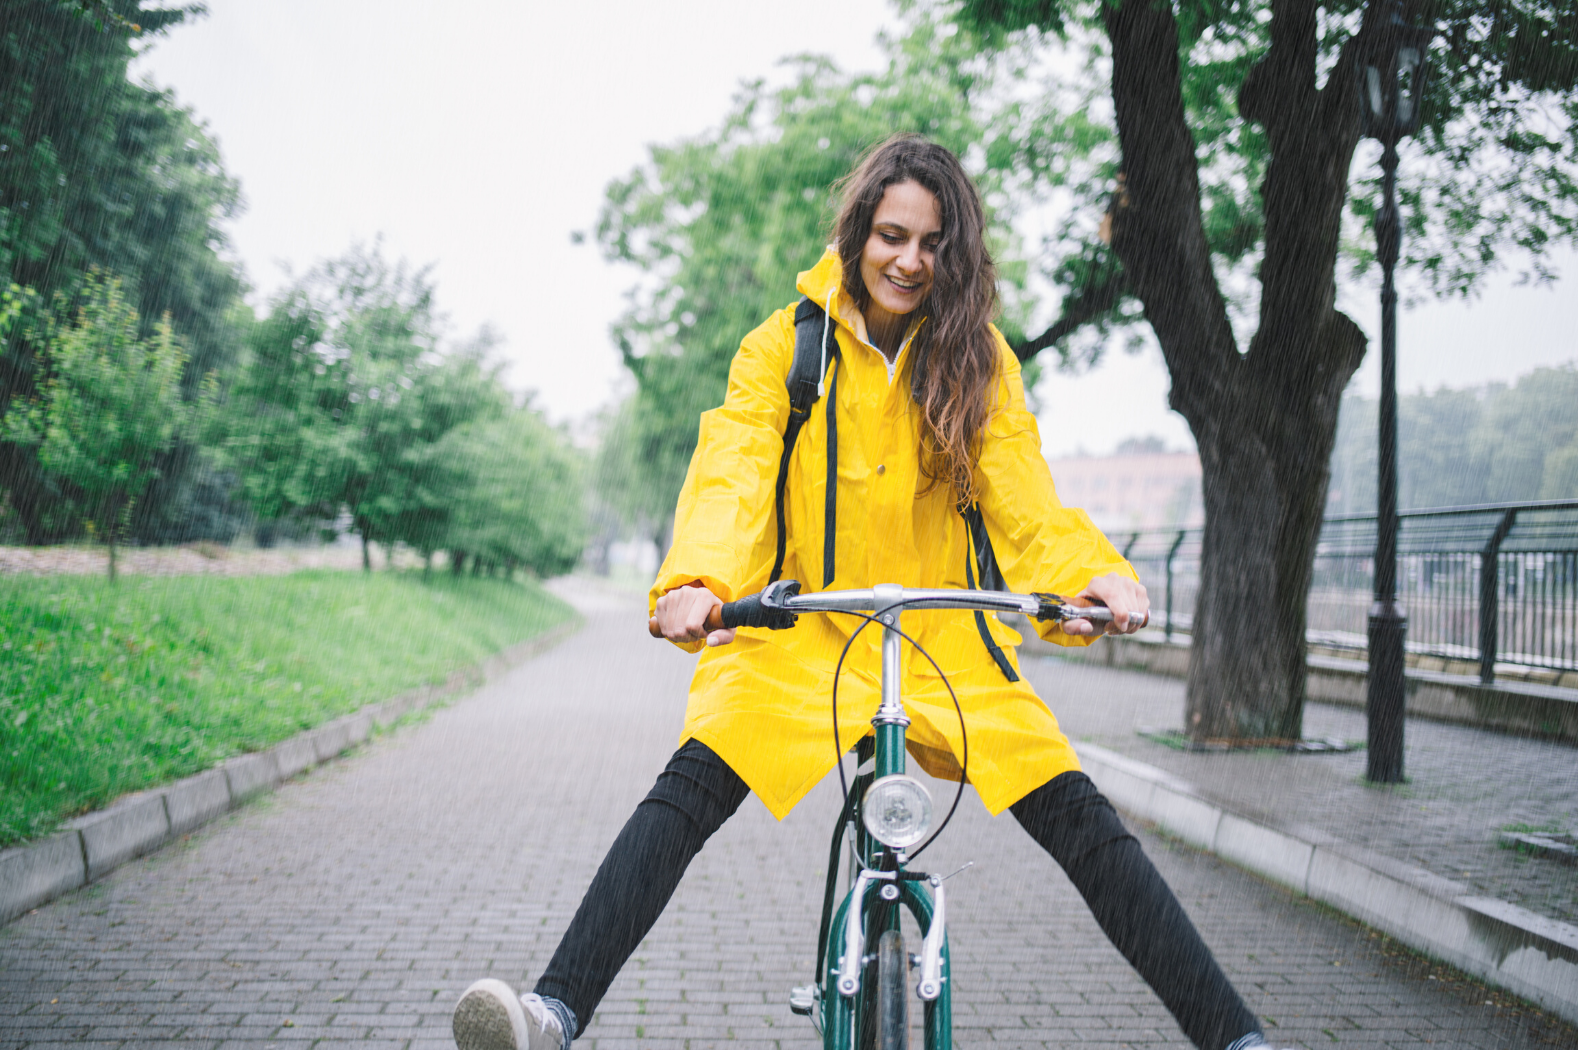 czyszczenie roweru w deszczowe lato